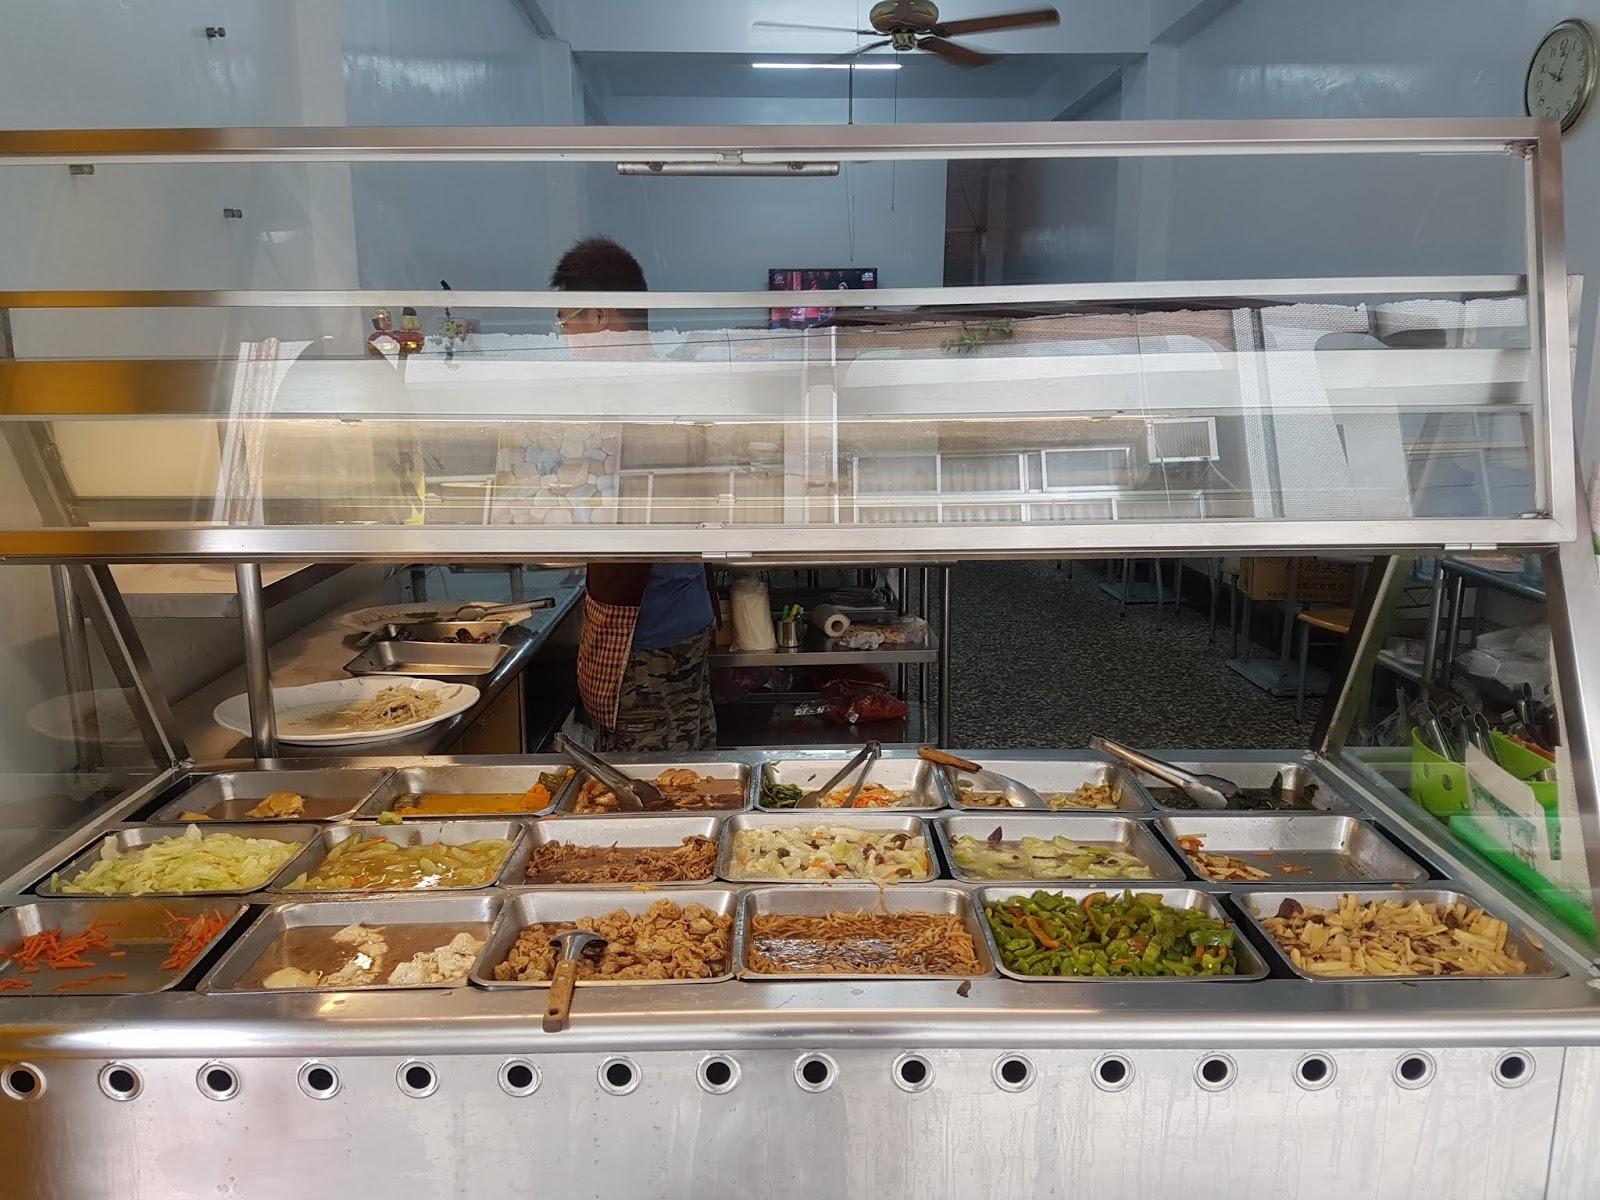 健康素友社: 嘉義市東區文化素食館 1070916